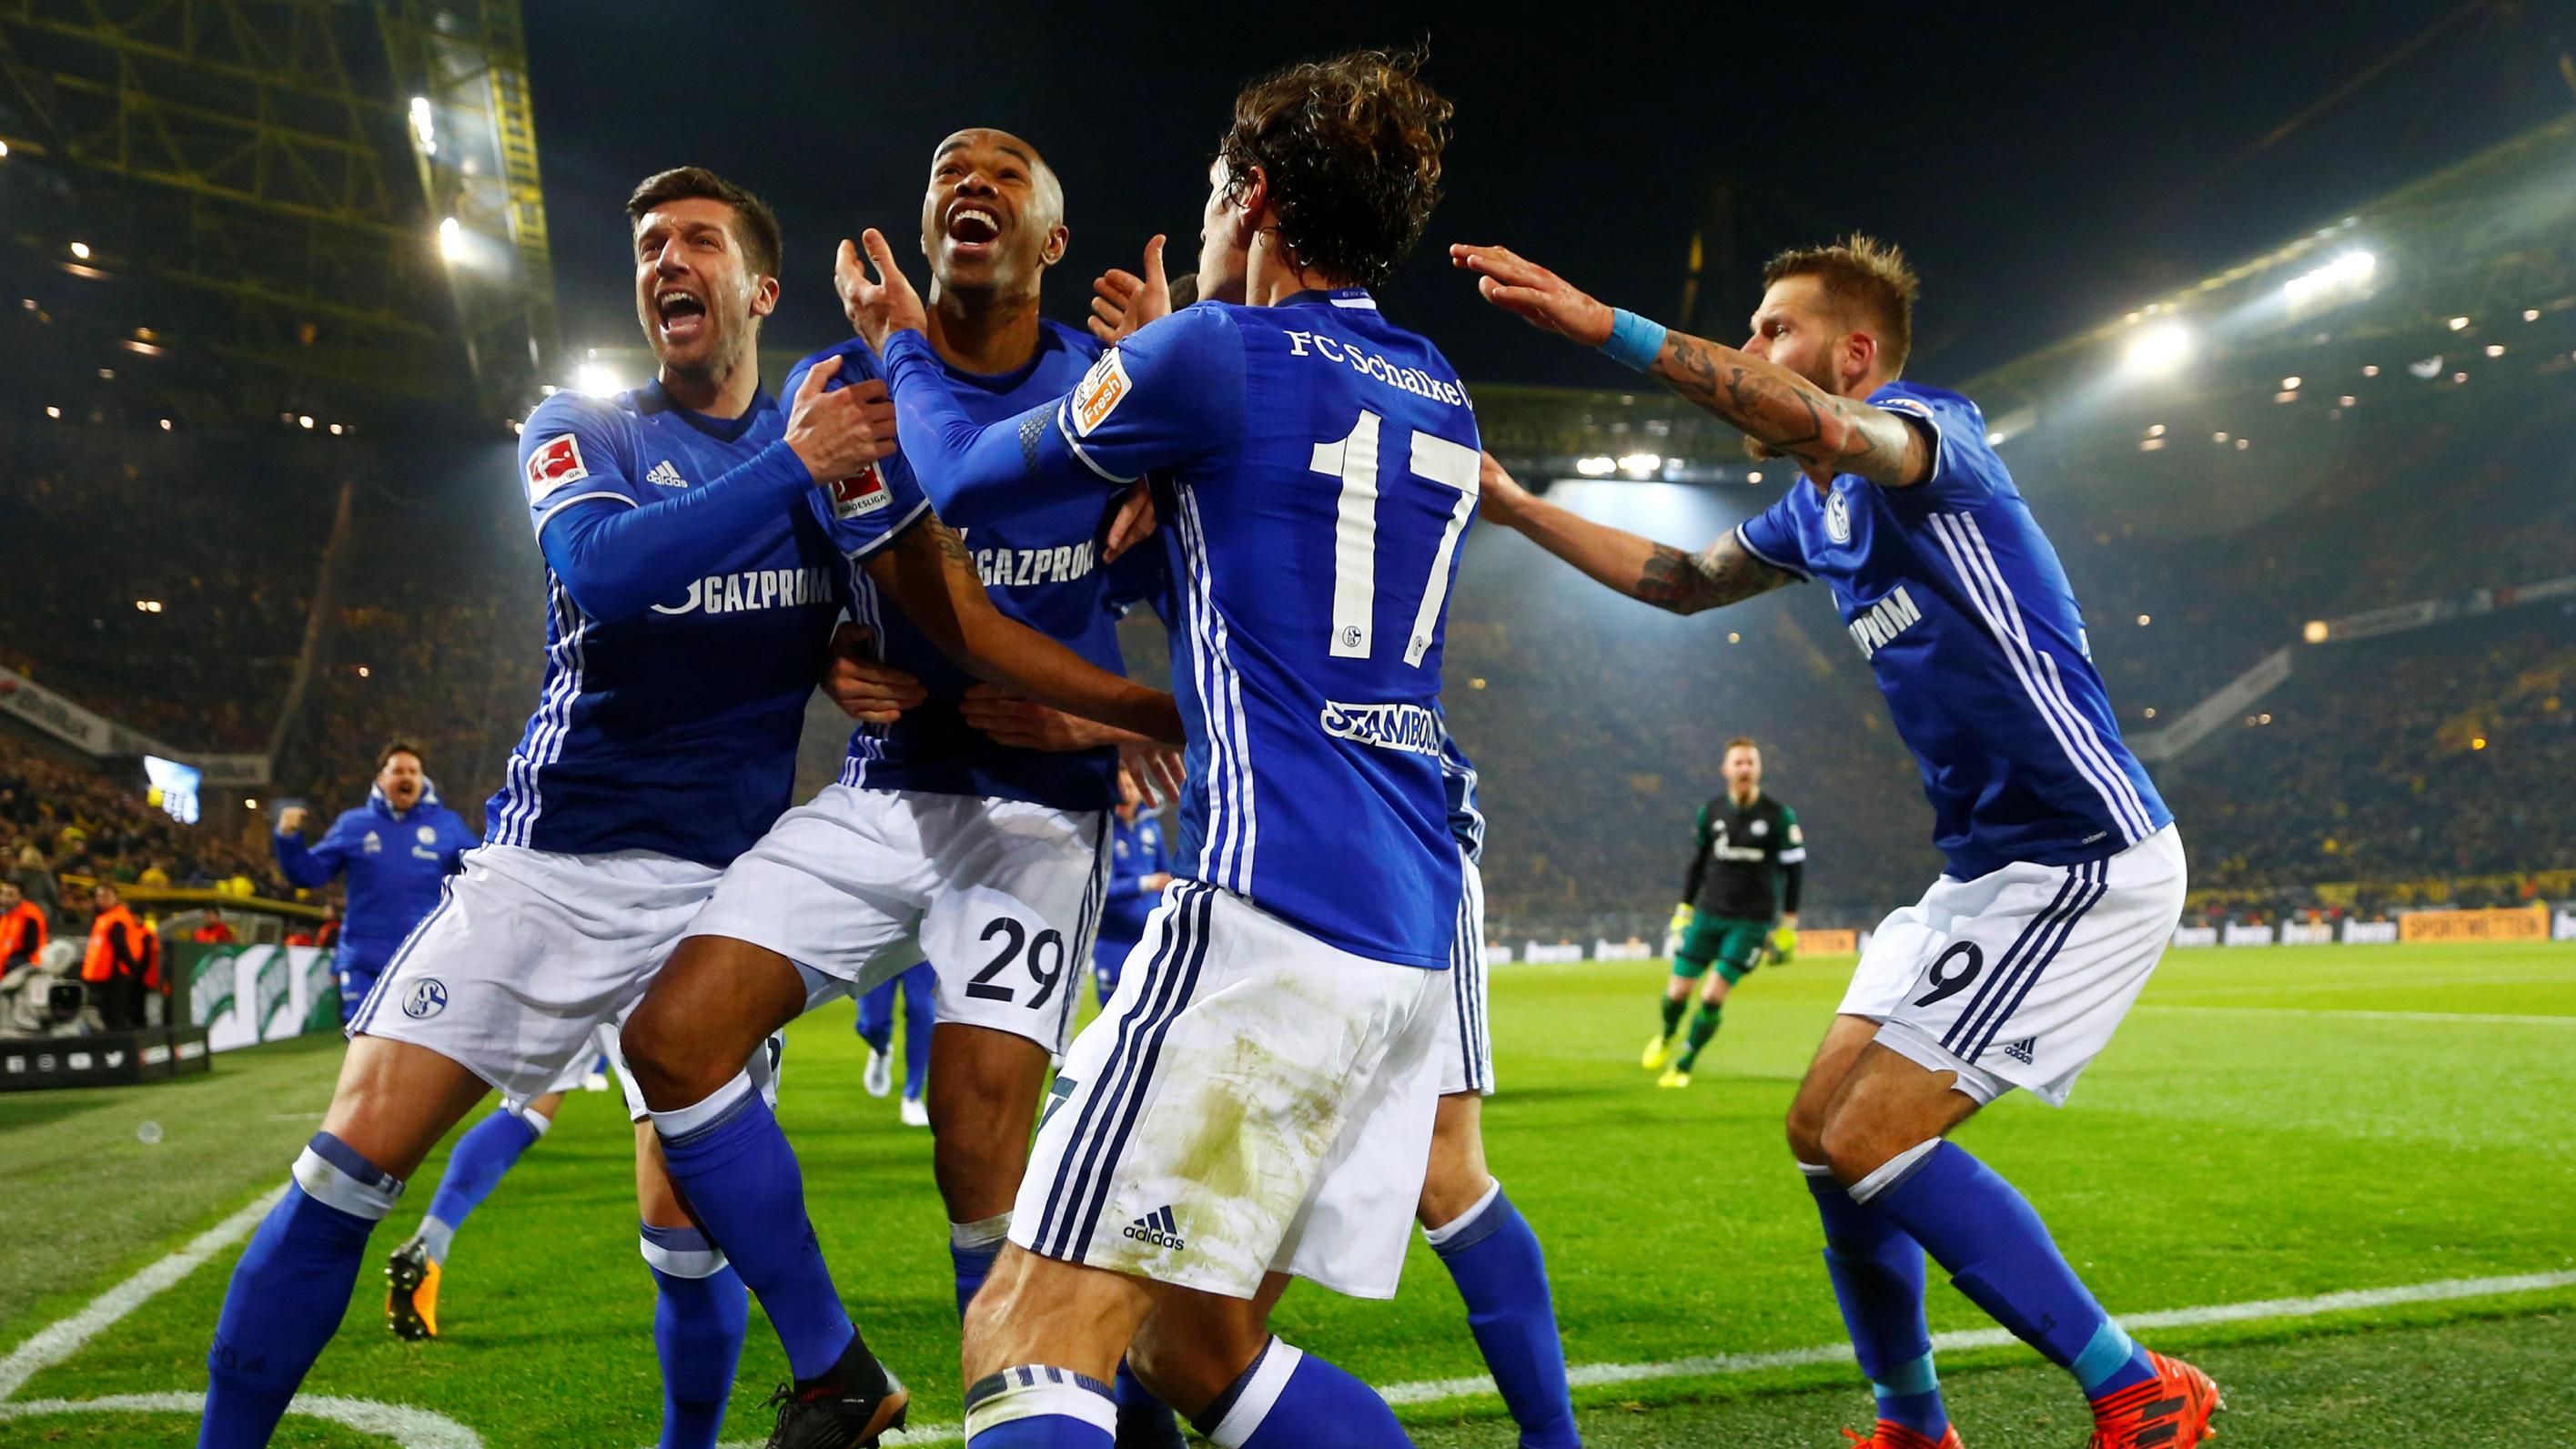 Ergebnis Dortmund Schalke